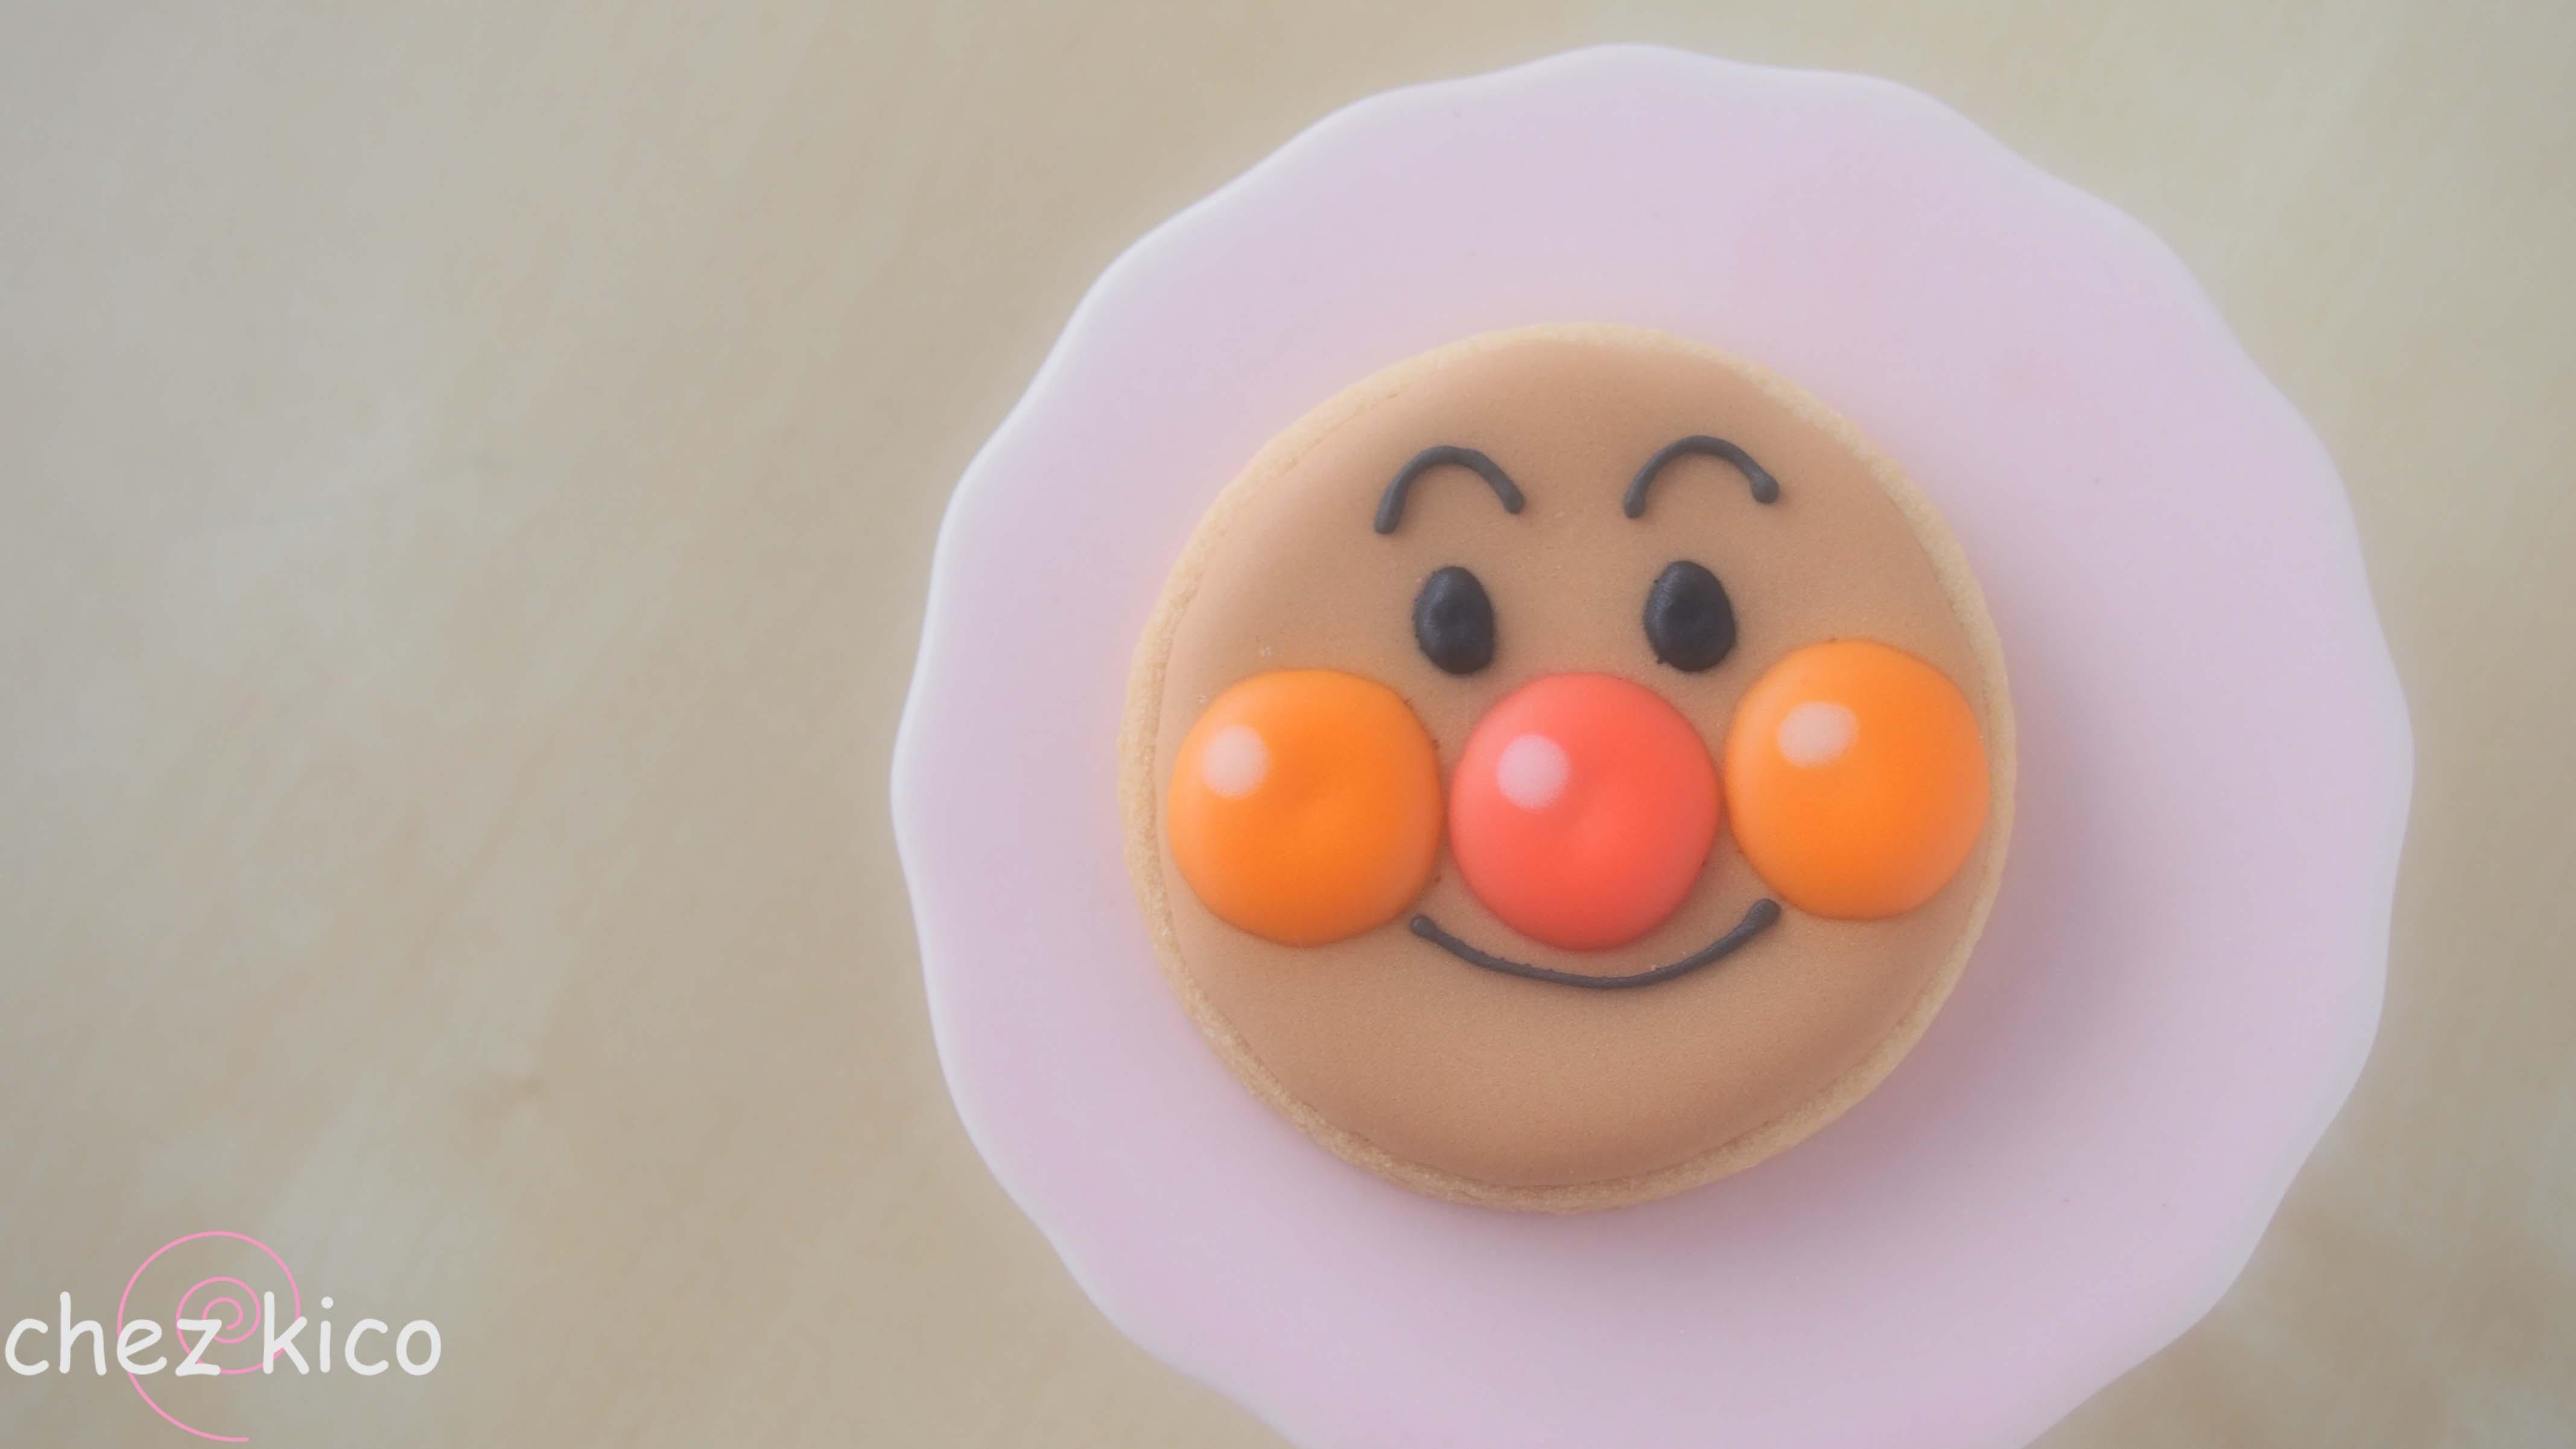 アイシングクッキー アンパンマンの簡単で分かりやすい作りかた【完全保存版】